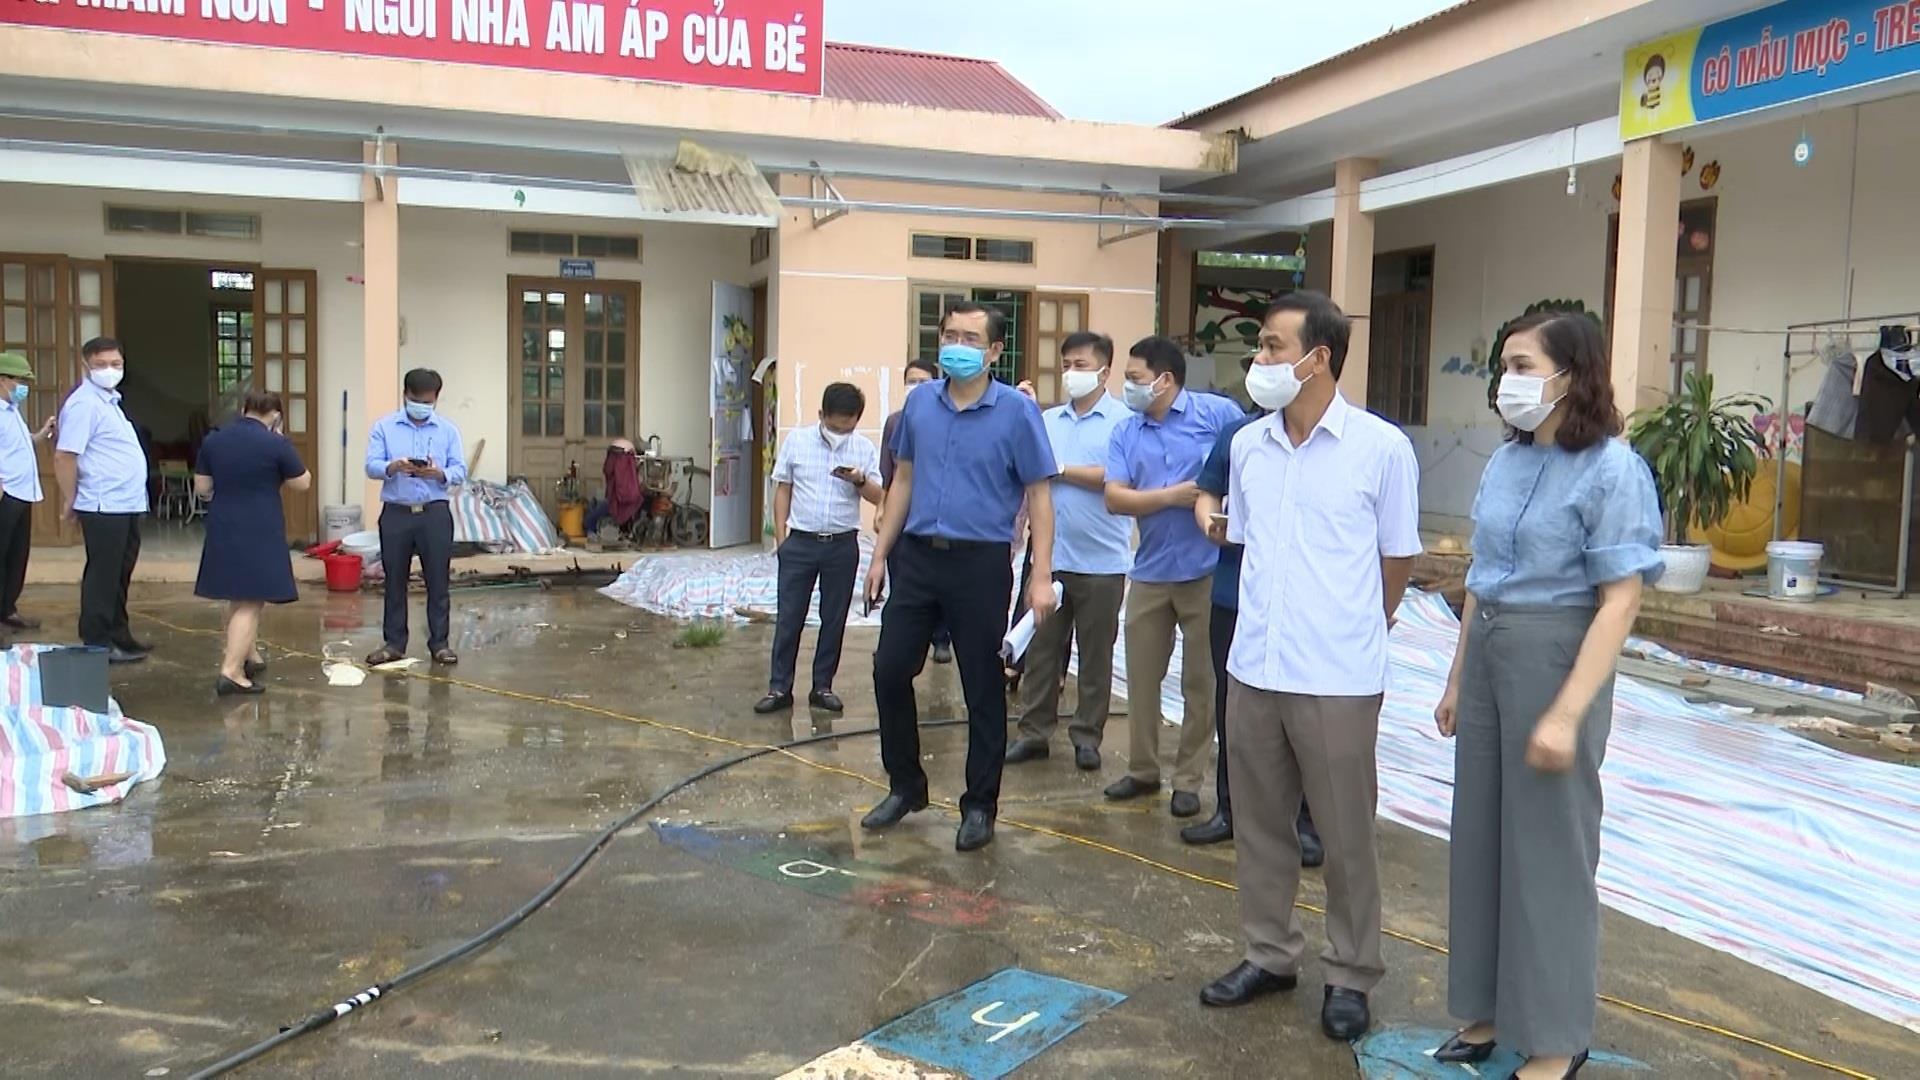 Hòa An: Phó Chủ tịch UBND tỉnh Nguyễn Trung Thảo kiểm tra tiến độ xây dựng nông thôn mới tại xã Hồng Việt